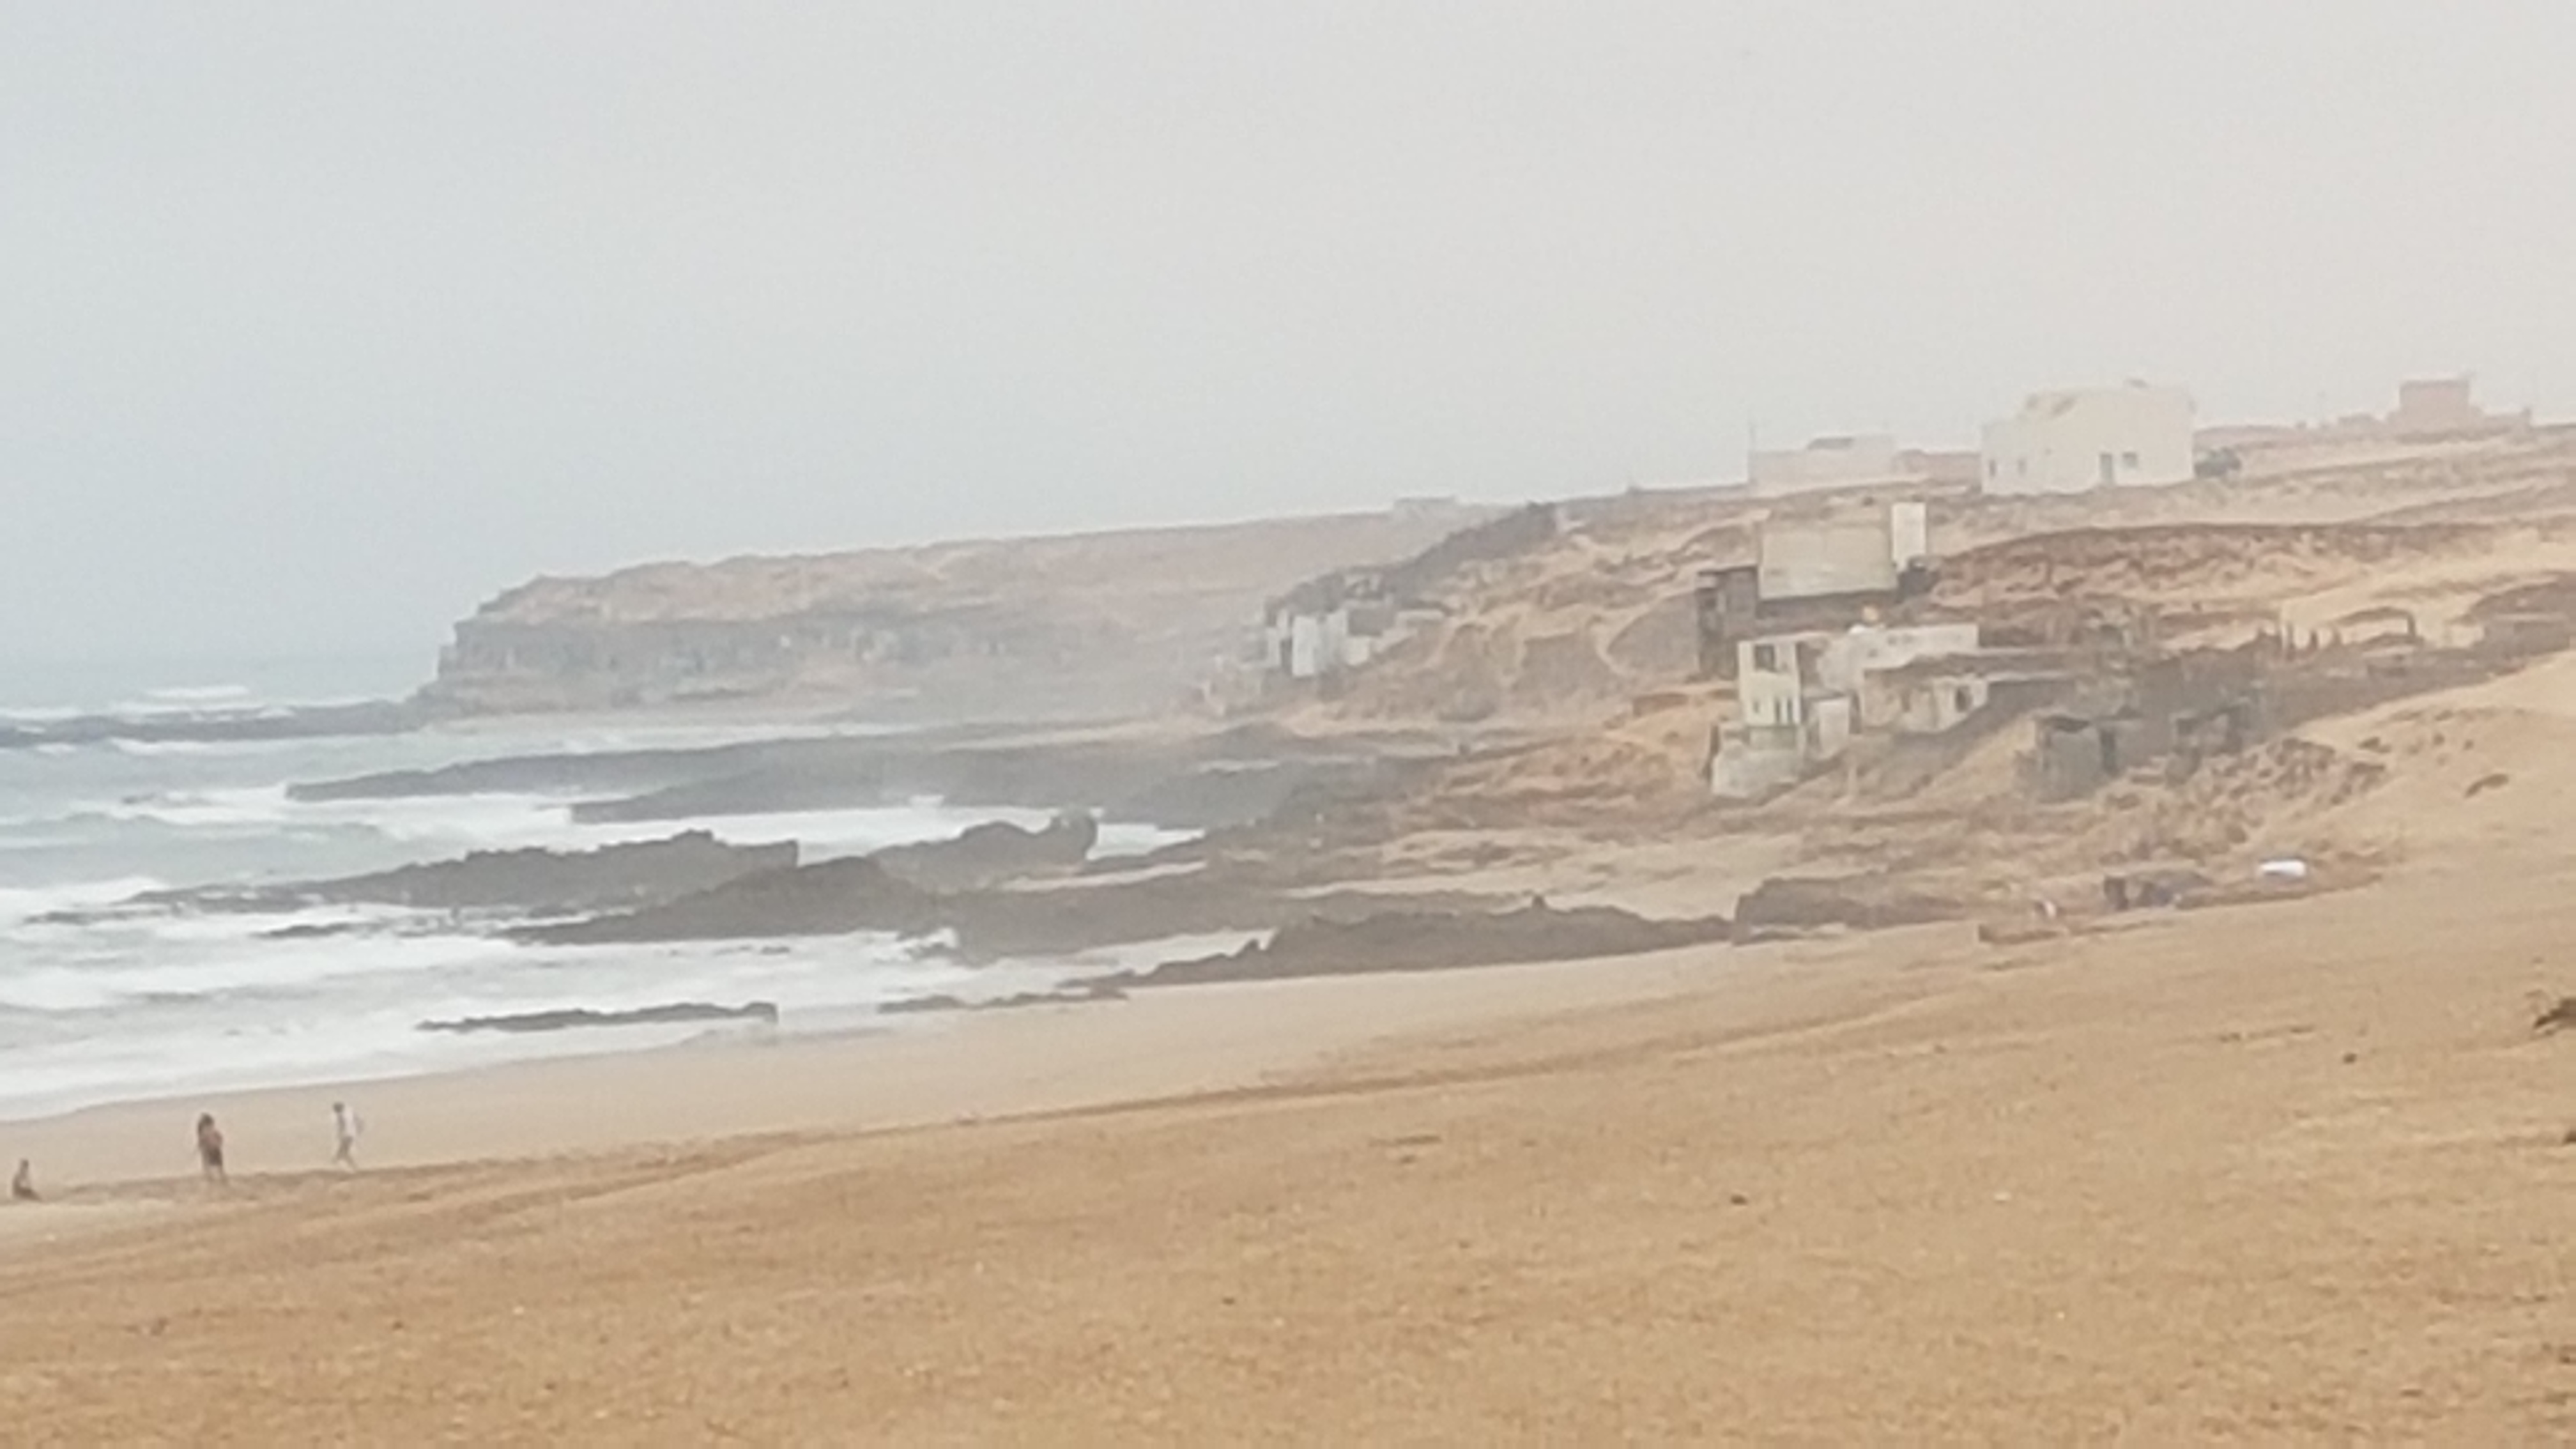 العثور على يد مبثورة مجهولة الهوية بمنطقة تصلضيحت بشاطئ اكلو